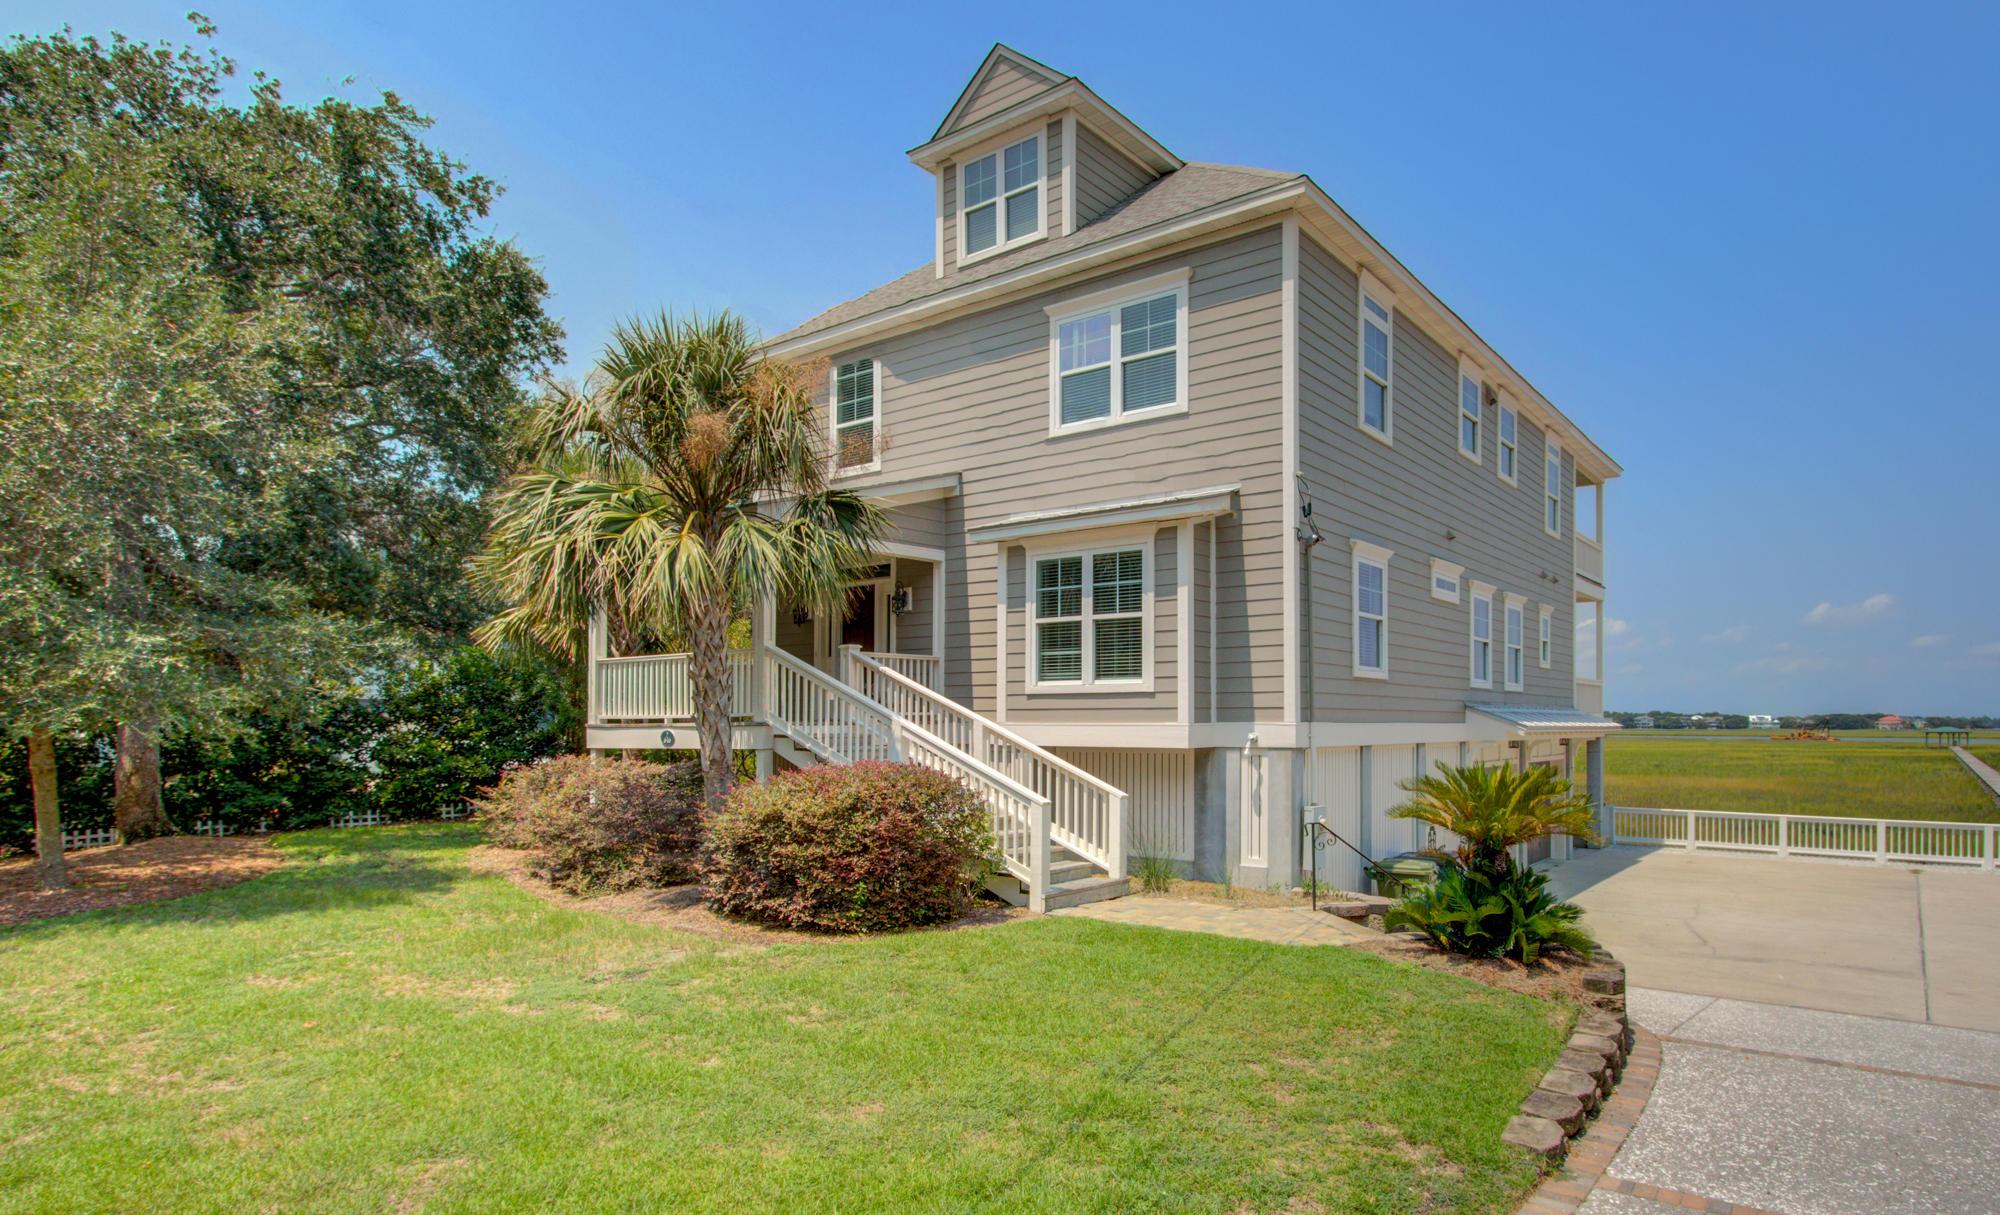 Folly Beach Homes For Sale - 616 Erie, Folly Beach, SC - 18